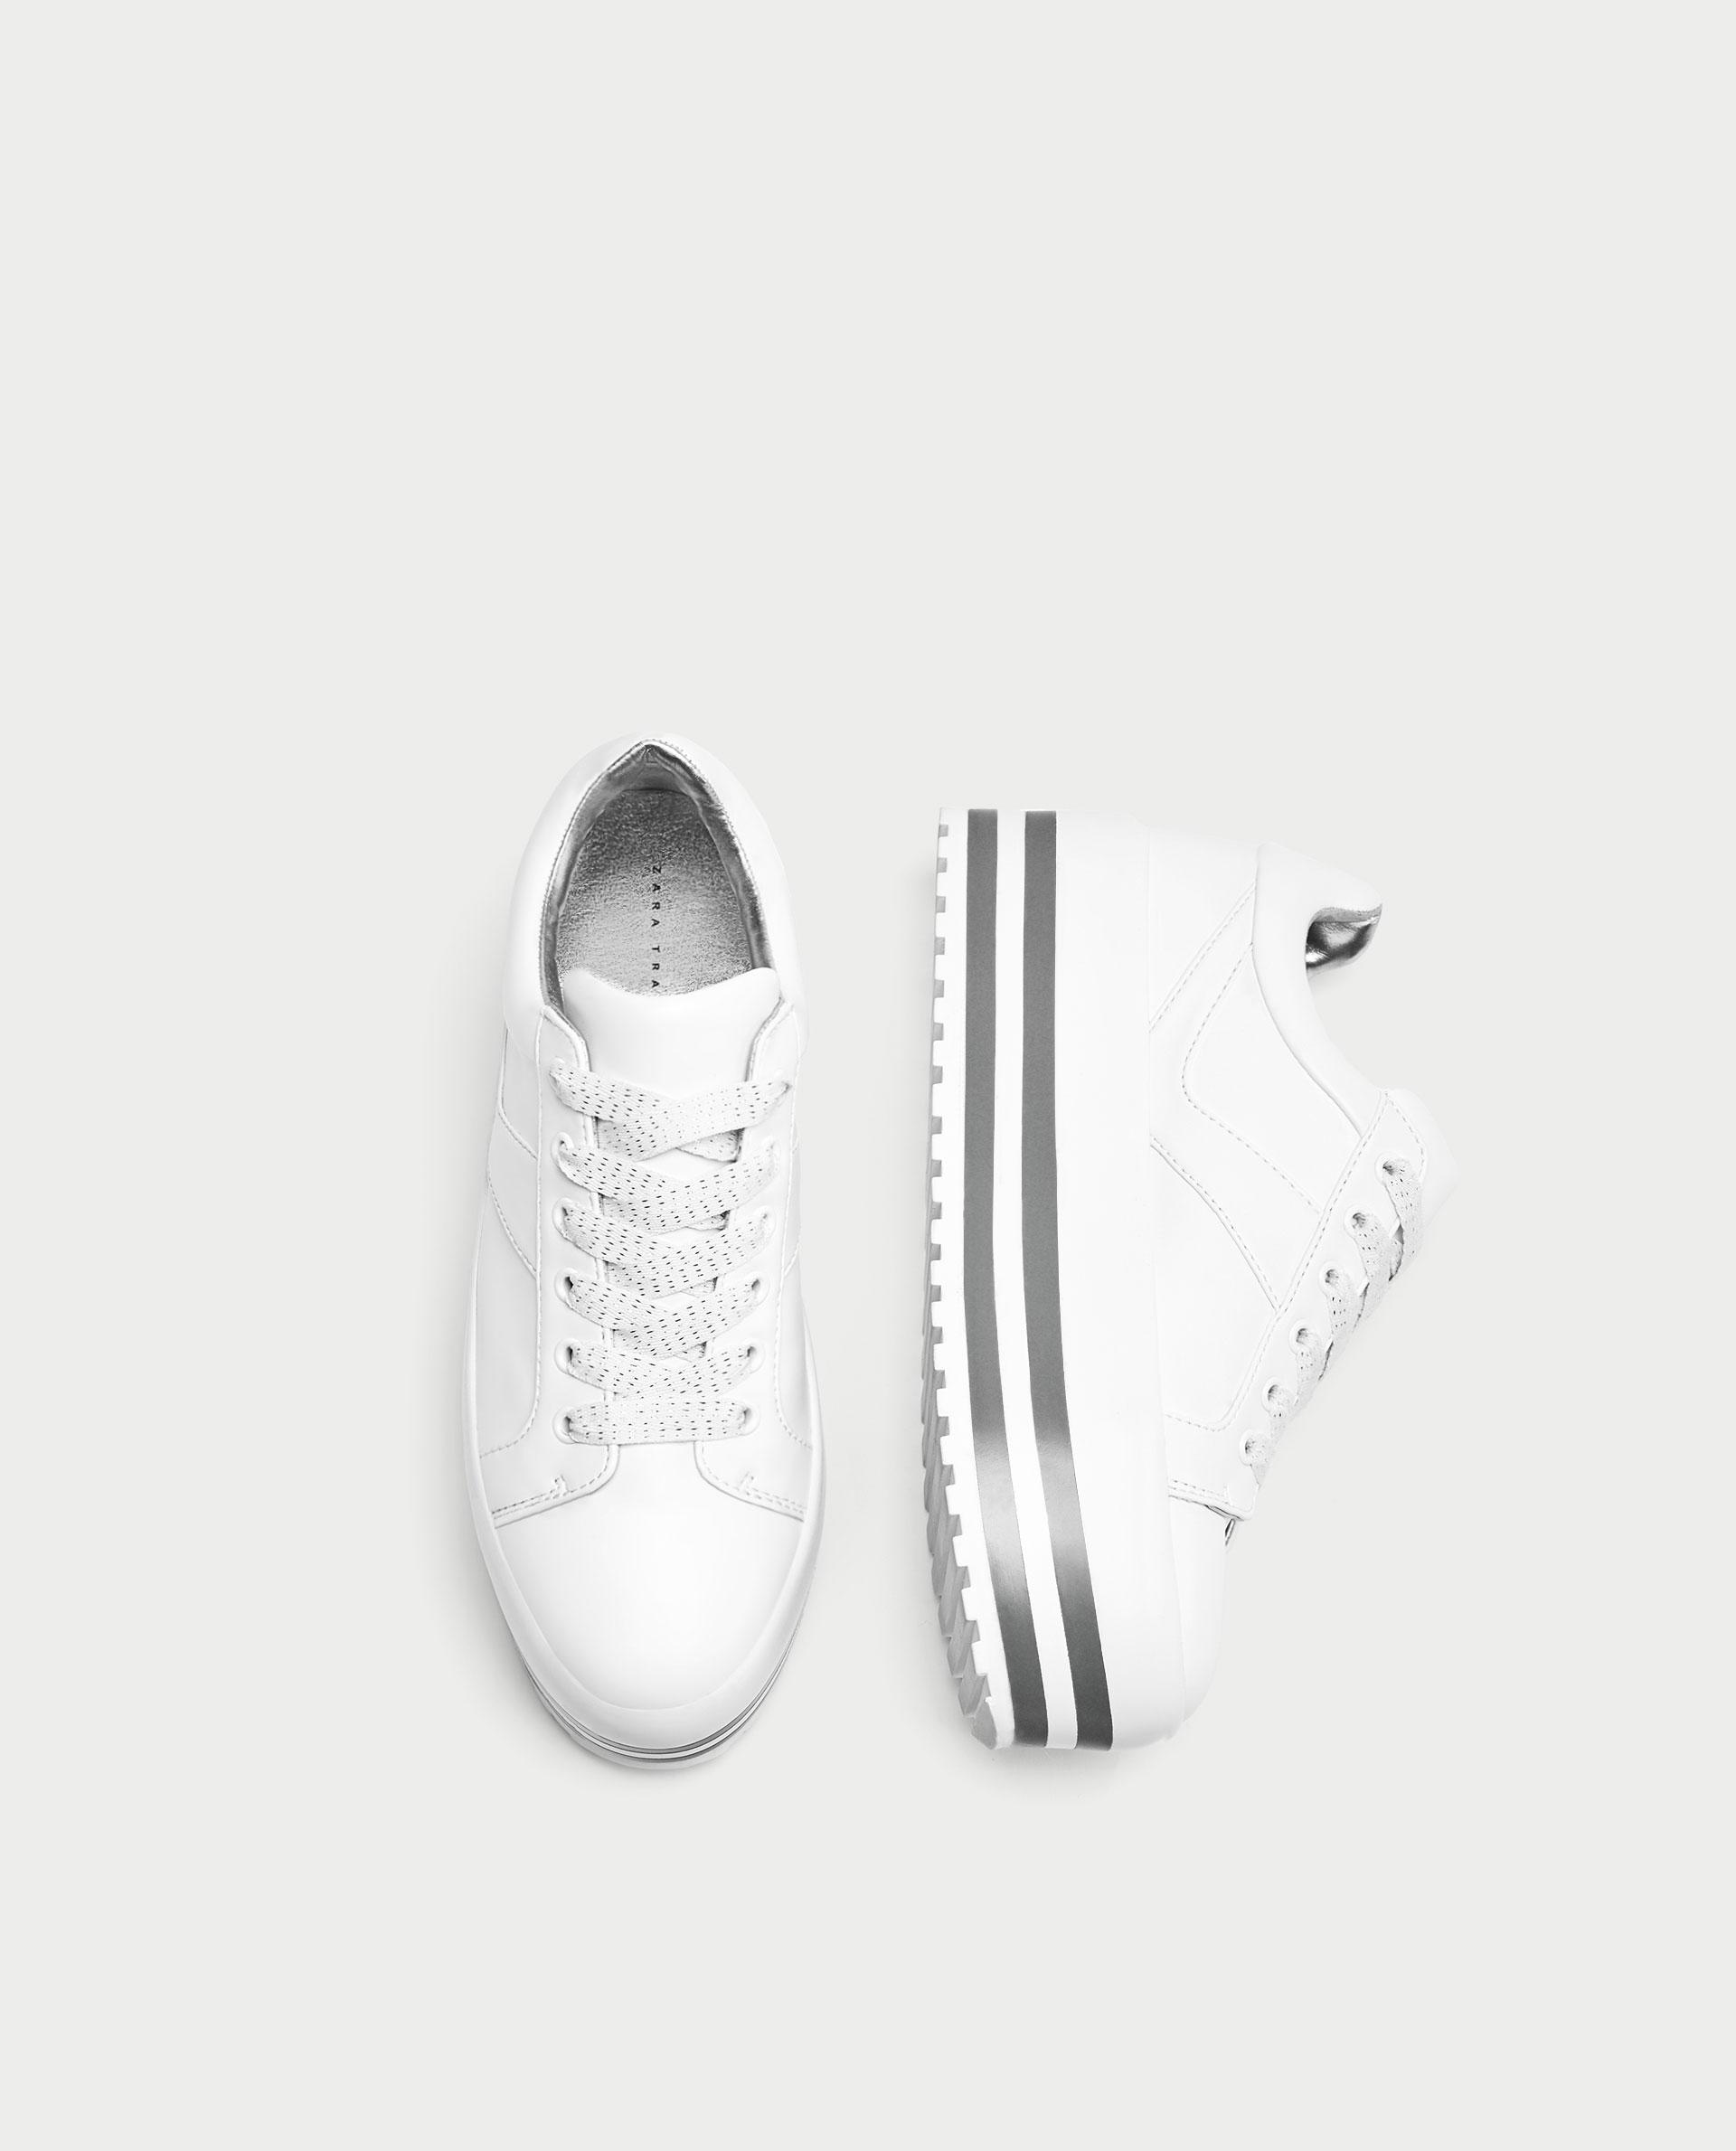 cdc5ba1fb Теперь даже в спортивной обуви можно сохранить женственность, так как  допустимо носить кроссовки с юбкой. Стиль спорт-шик немало поспособствовал  ...